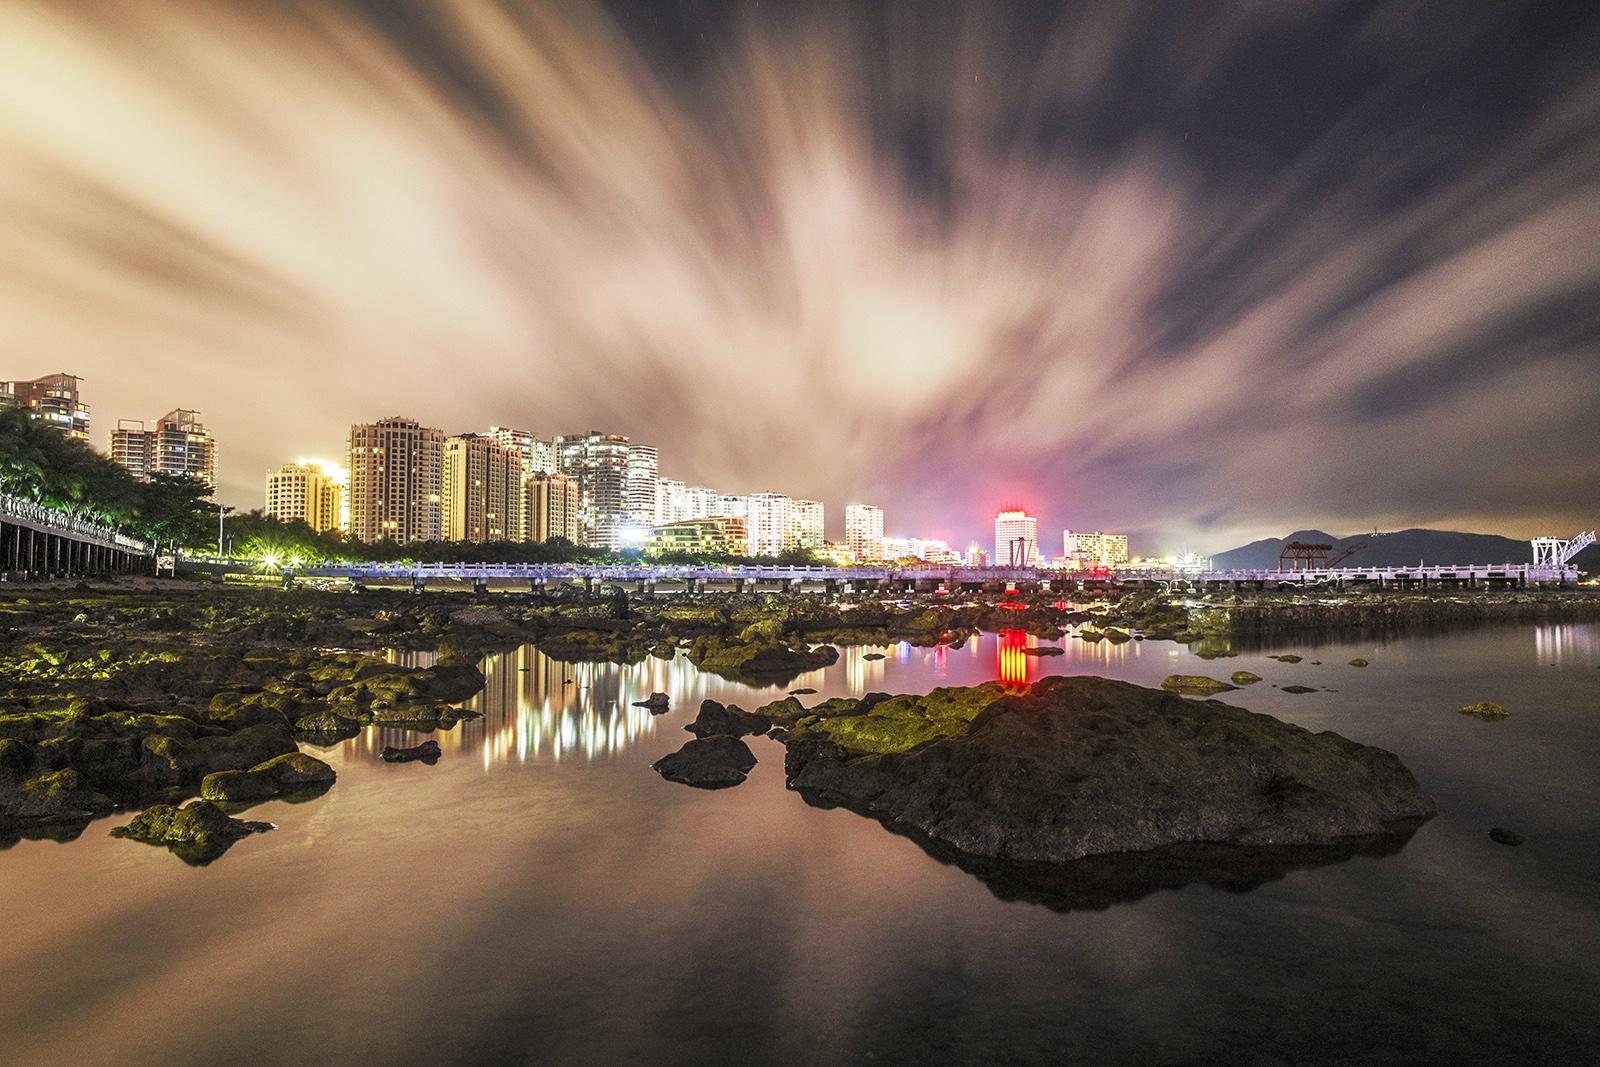 林泉一叟作品:三亚海岸夜景